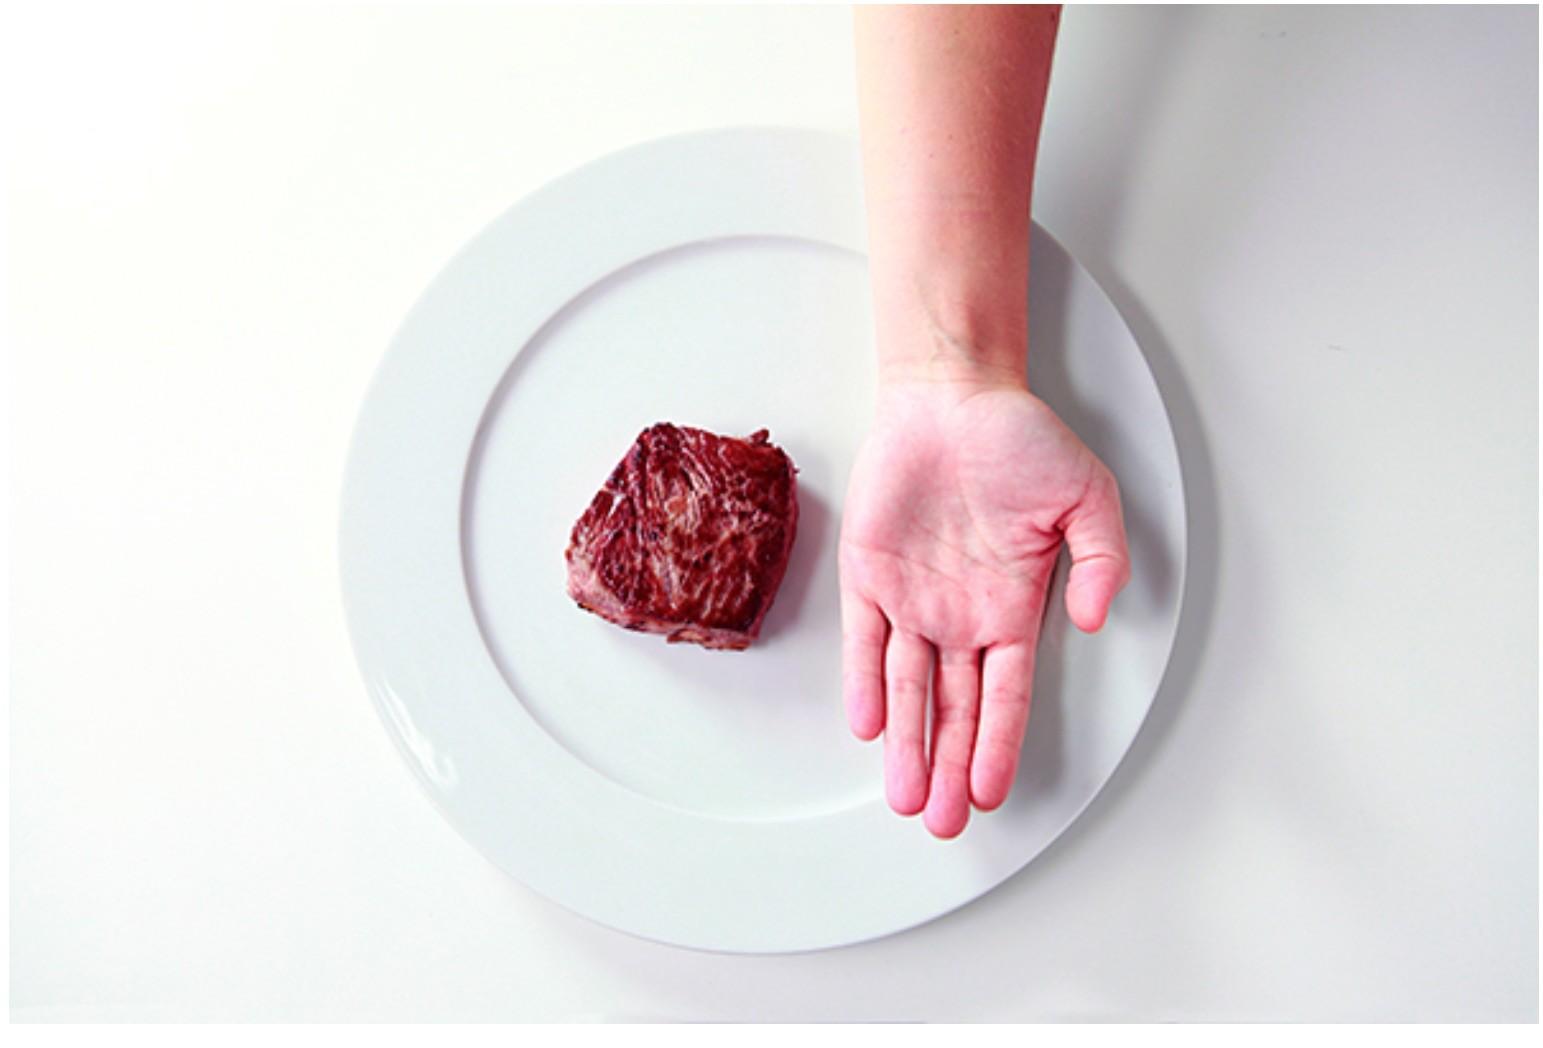 Koliko hrane možemo pojesti i kako odrediti idealnu porciju?